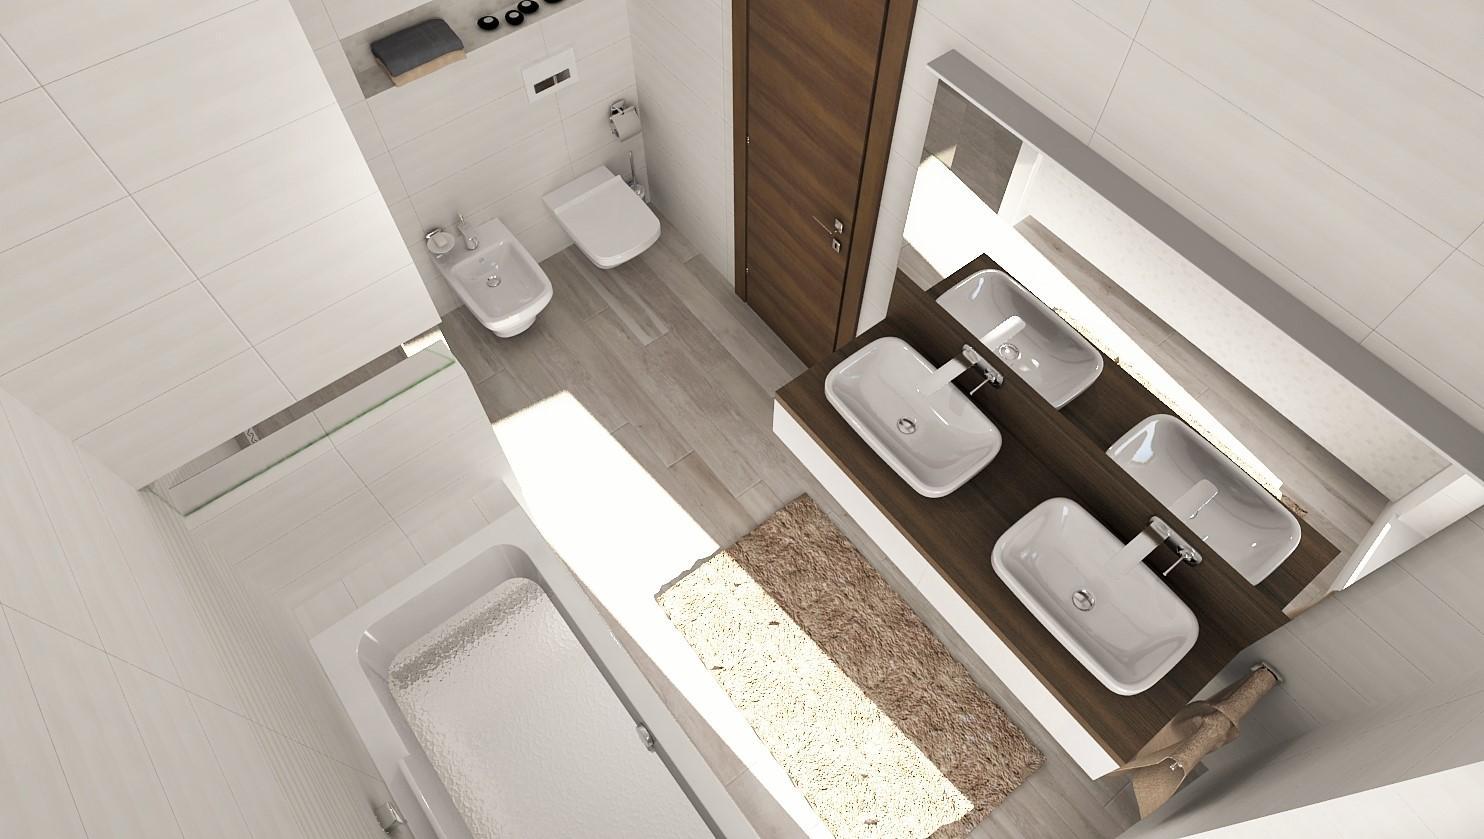 3D návrhy kúpeľní - vizualizácie - Vizualizácia kúpeľne - www.modernekupelne.sk/navrhy-kupelni